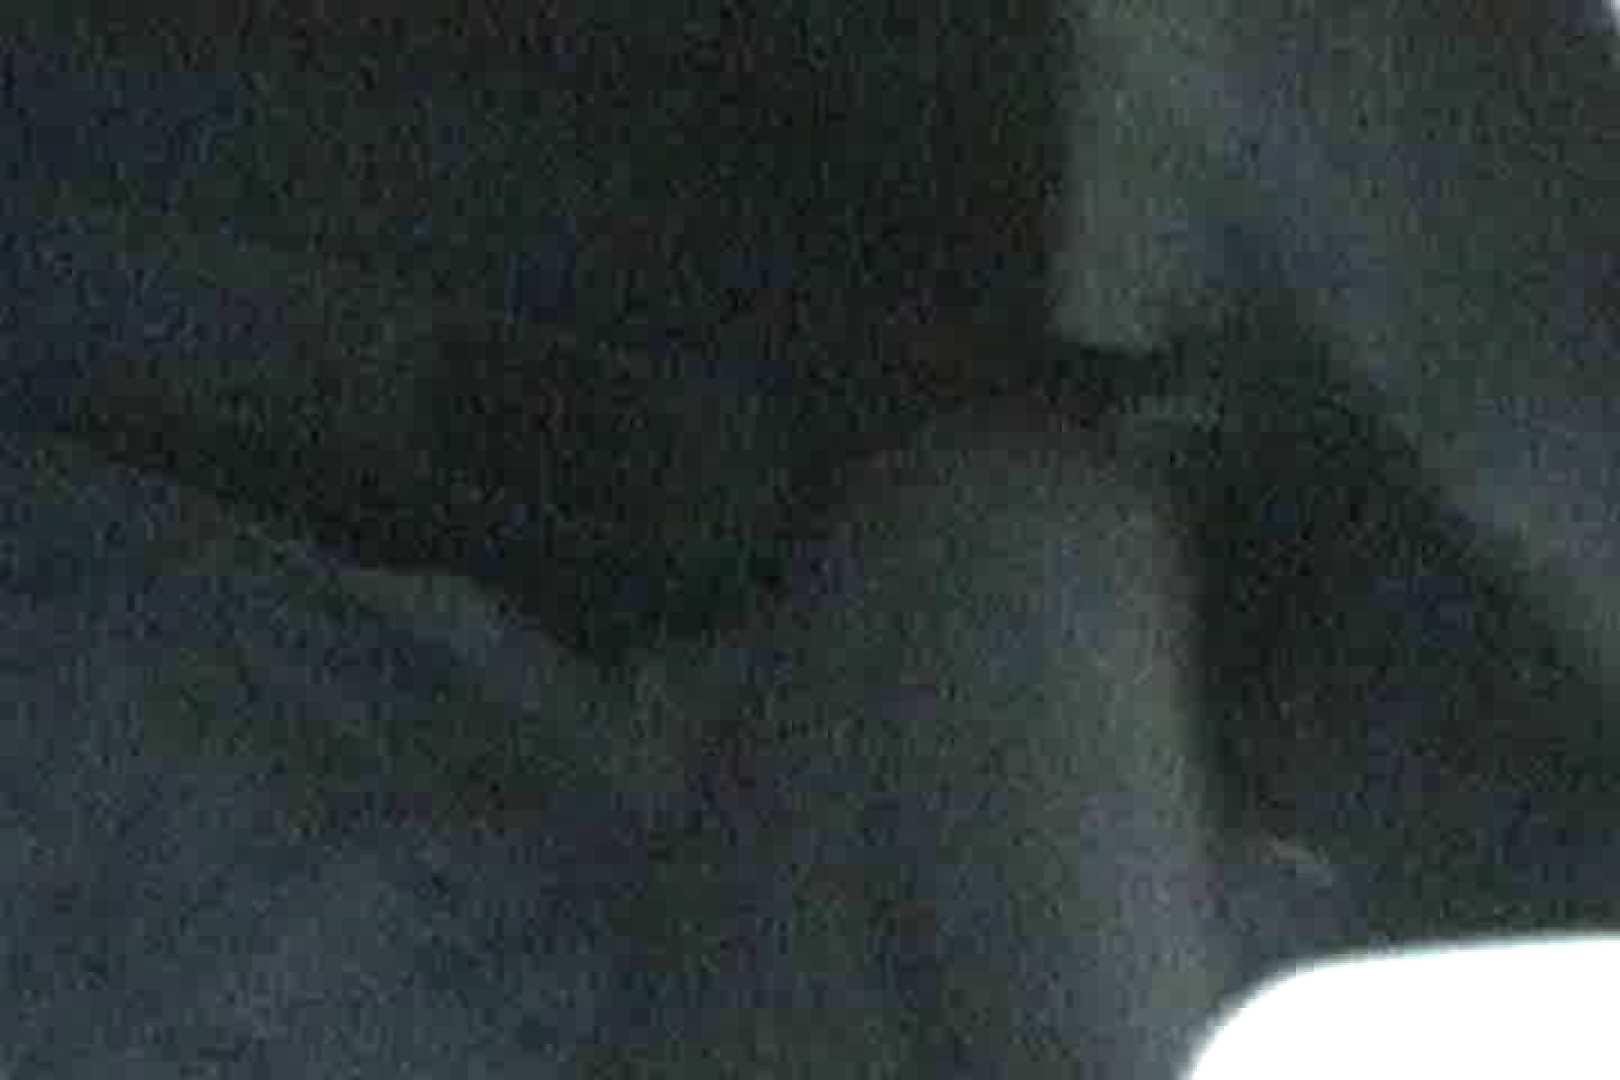 充血監督の深夜の運動会Vol.8 美しいOLの裸体 | おっぱい  75pic 7